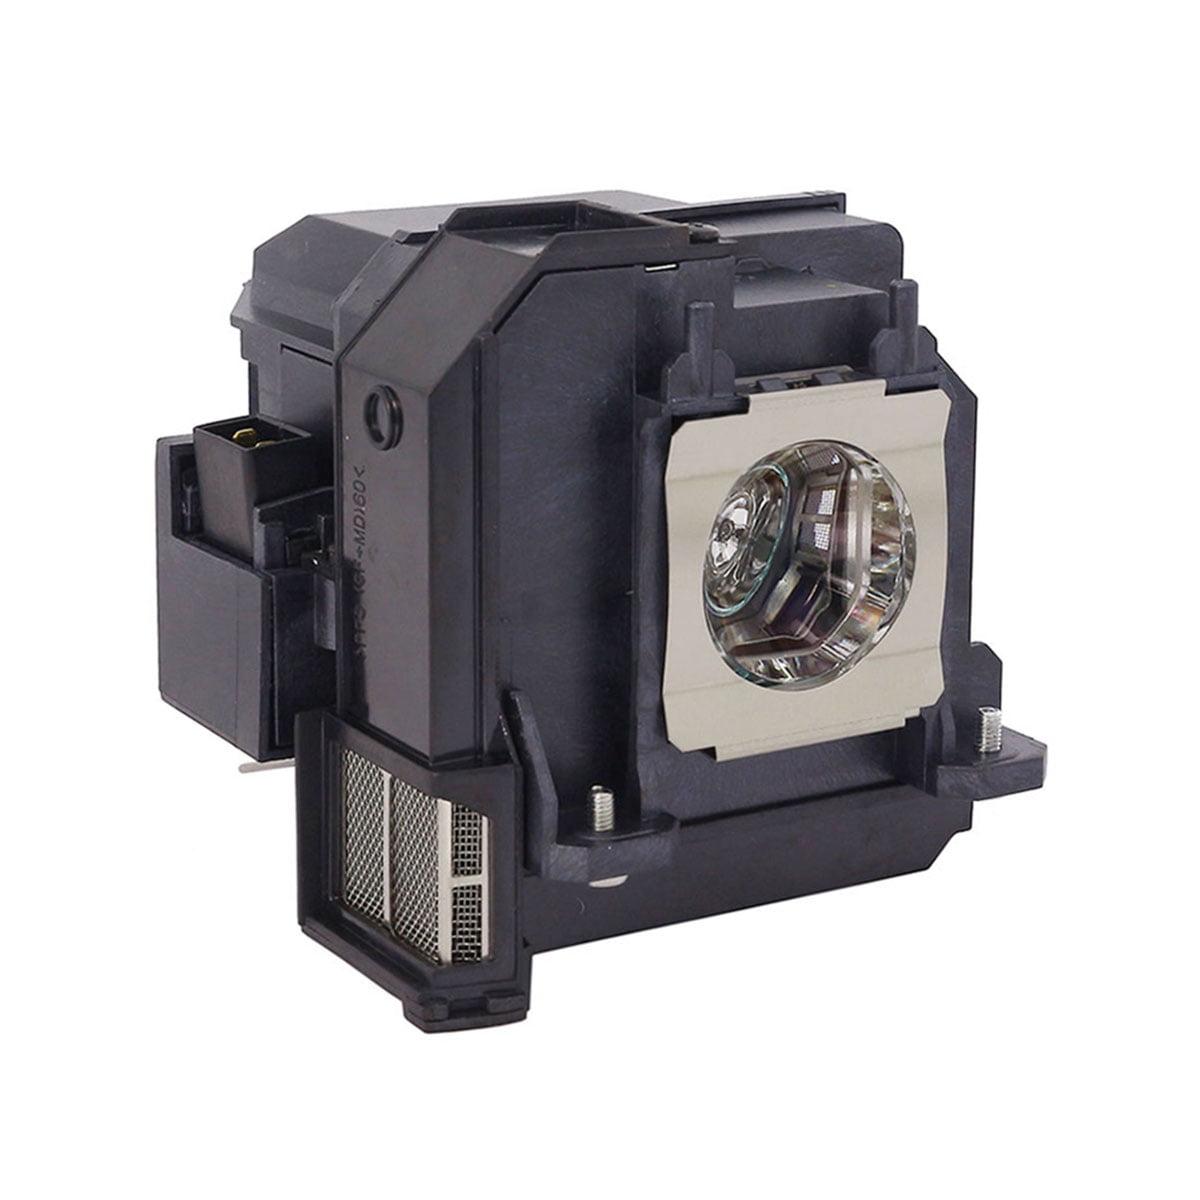 Lutema Platinum pour Epson EB-680S lampe de Projecteur avec bo�tier (ampoule Philips originale � l'int�rieur) - image 4 de 5